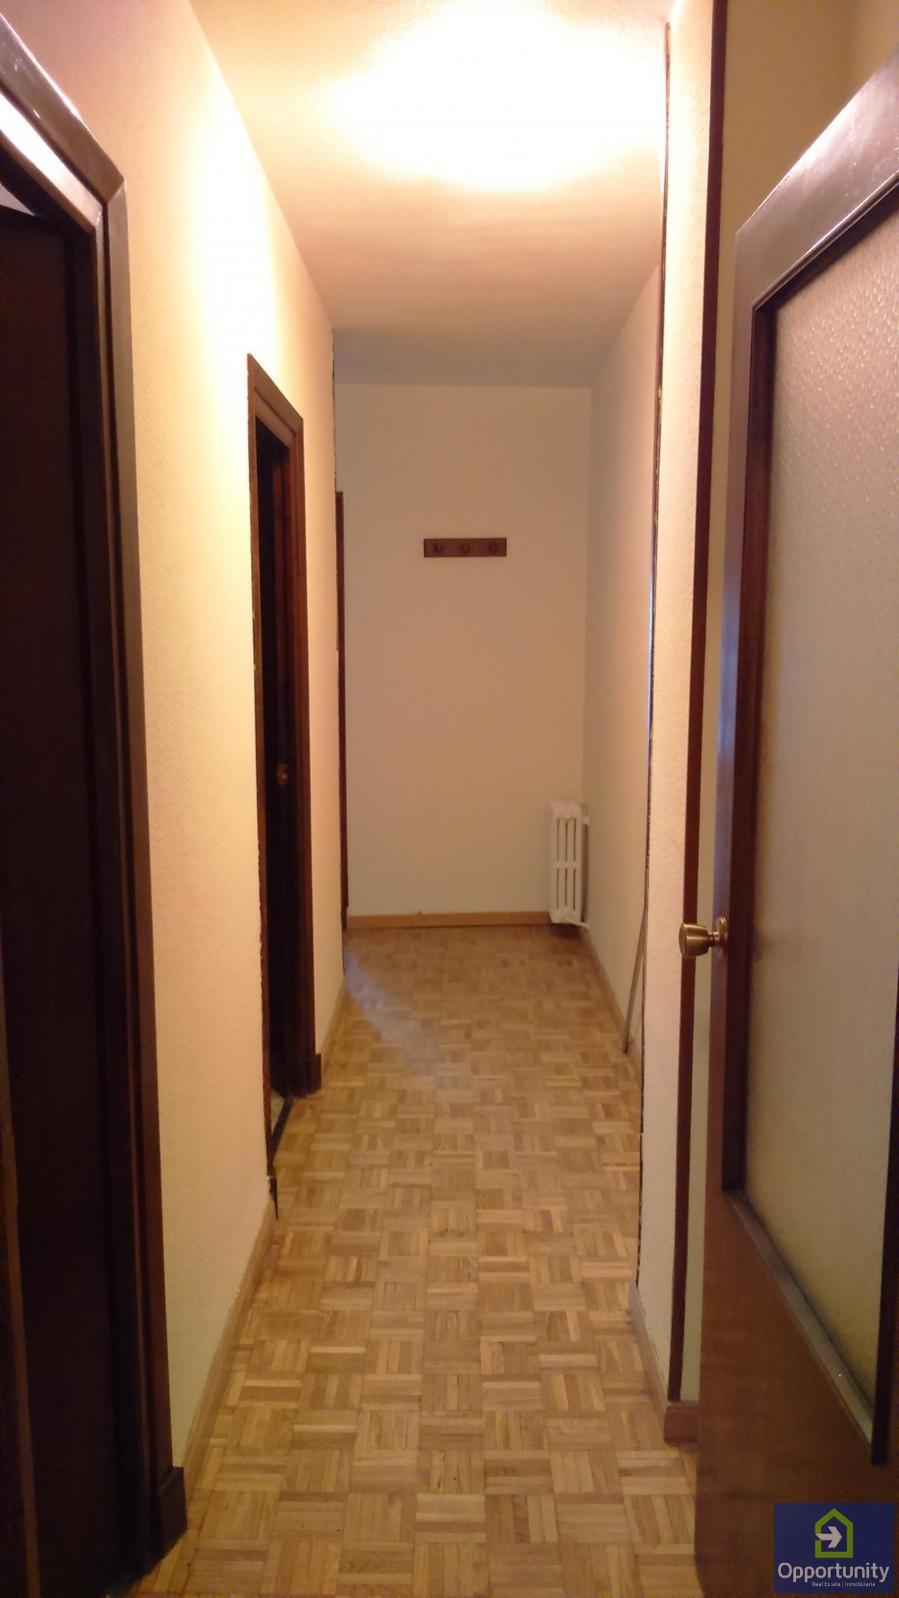 Piso en alquiler en centro sagrario granada 750 mes for Alquiler pisos granada centro